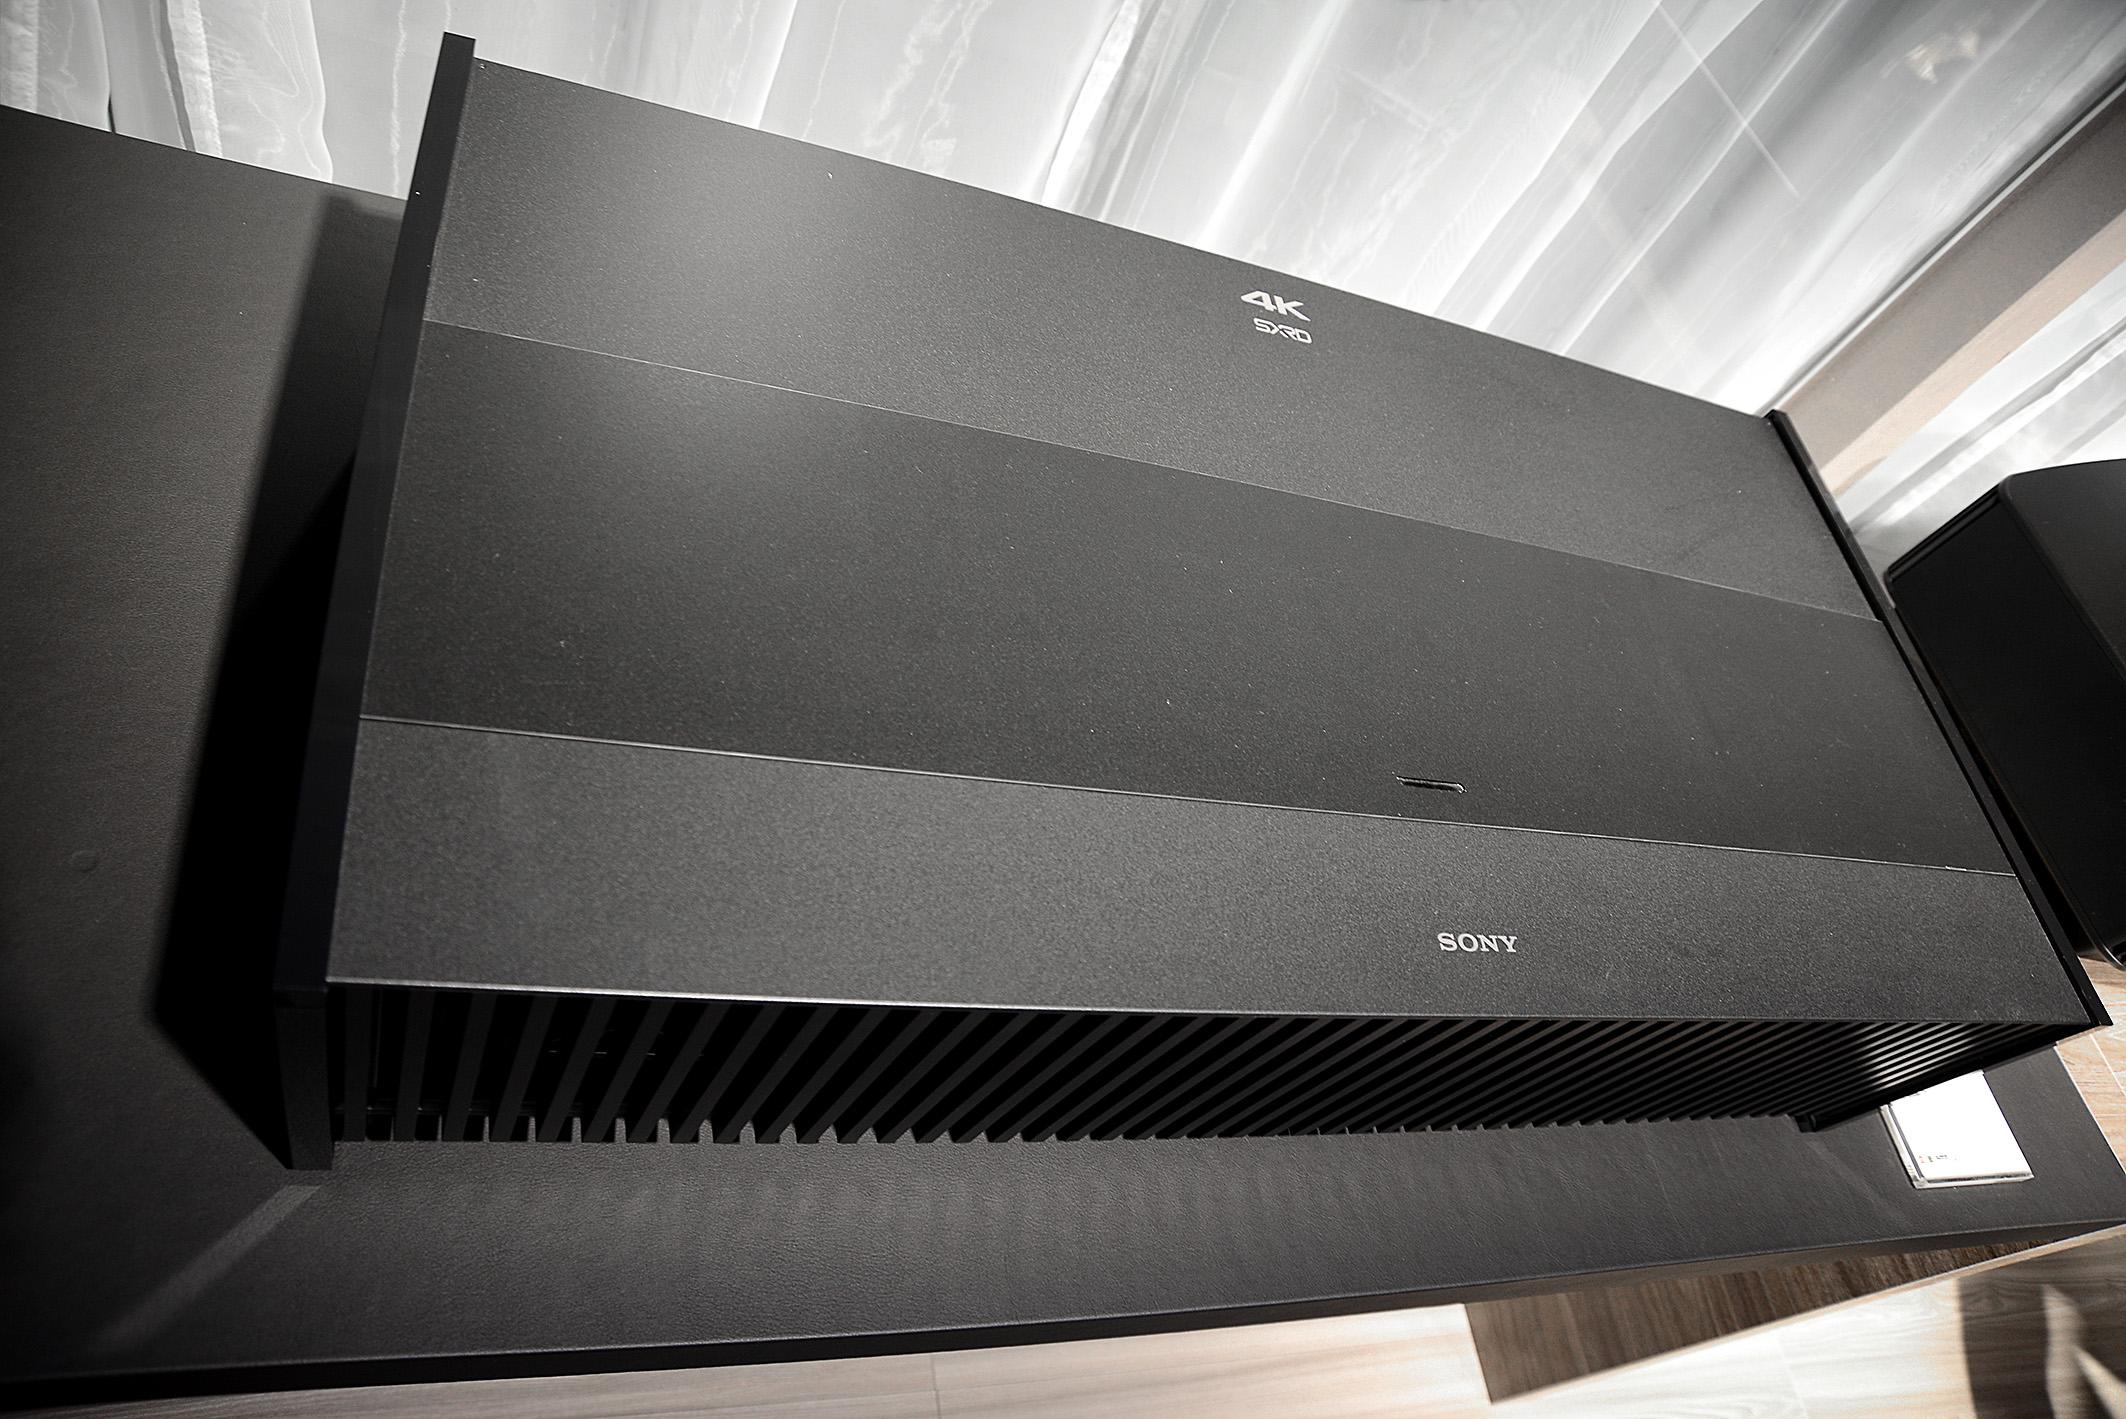 Foto: Michael B. Rehders Sony VPL-VZ1000ES – Der riesige 4K-Laser-Projektor kommt direkt unter die Leinwand aufs Sideboard. Er unterstützt HDR10 und HLG für Broadcast und Online-Inhalte.